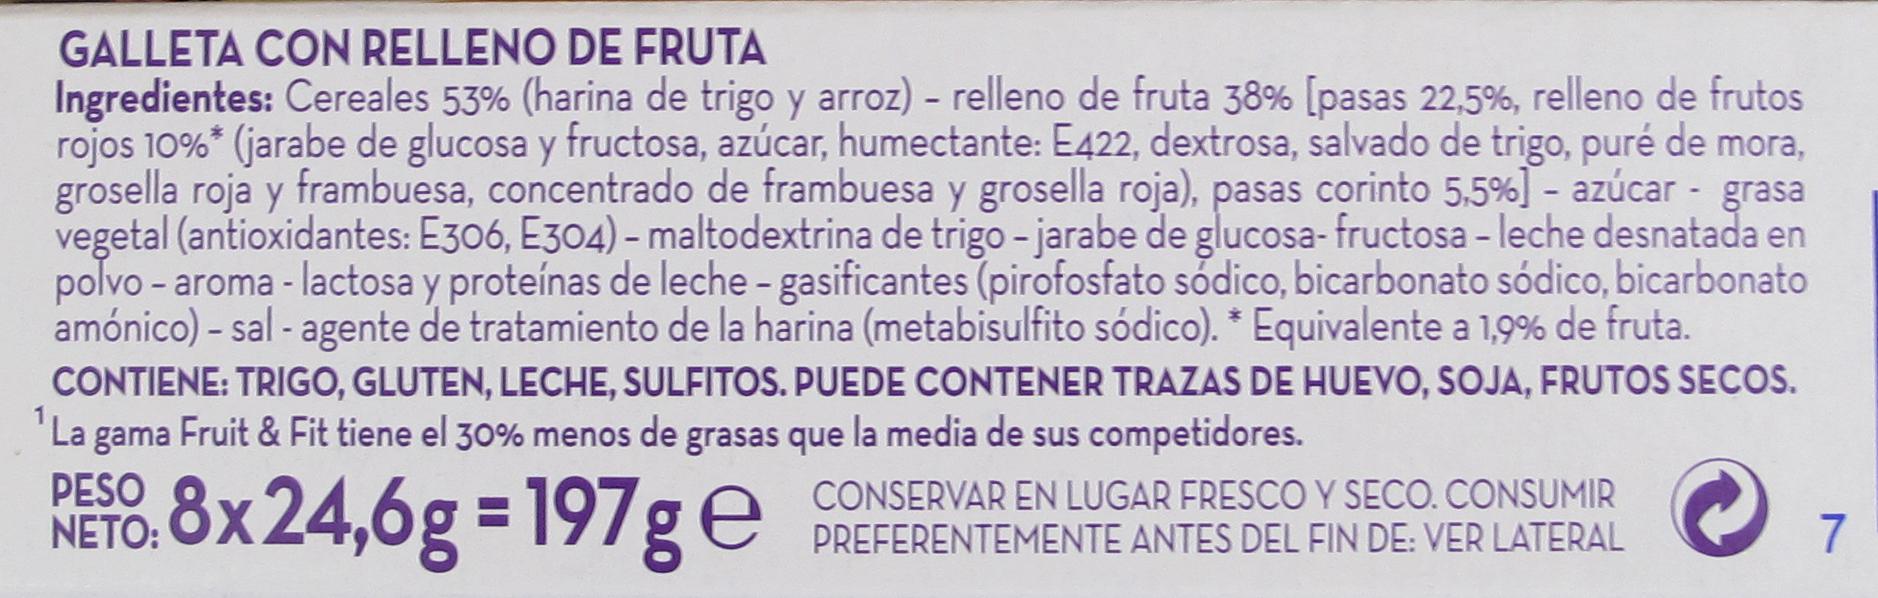 Etiqueta aditivos galletas rellenas